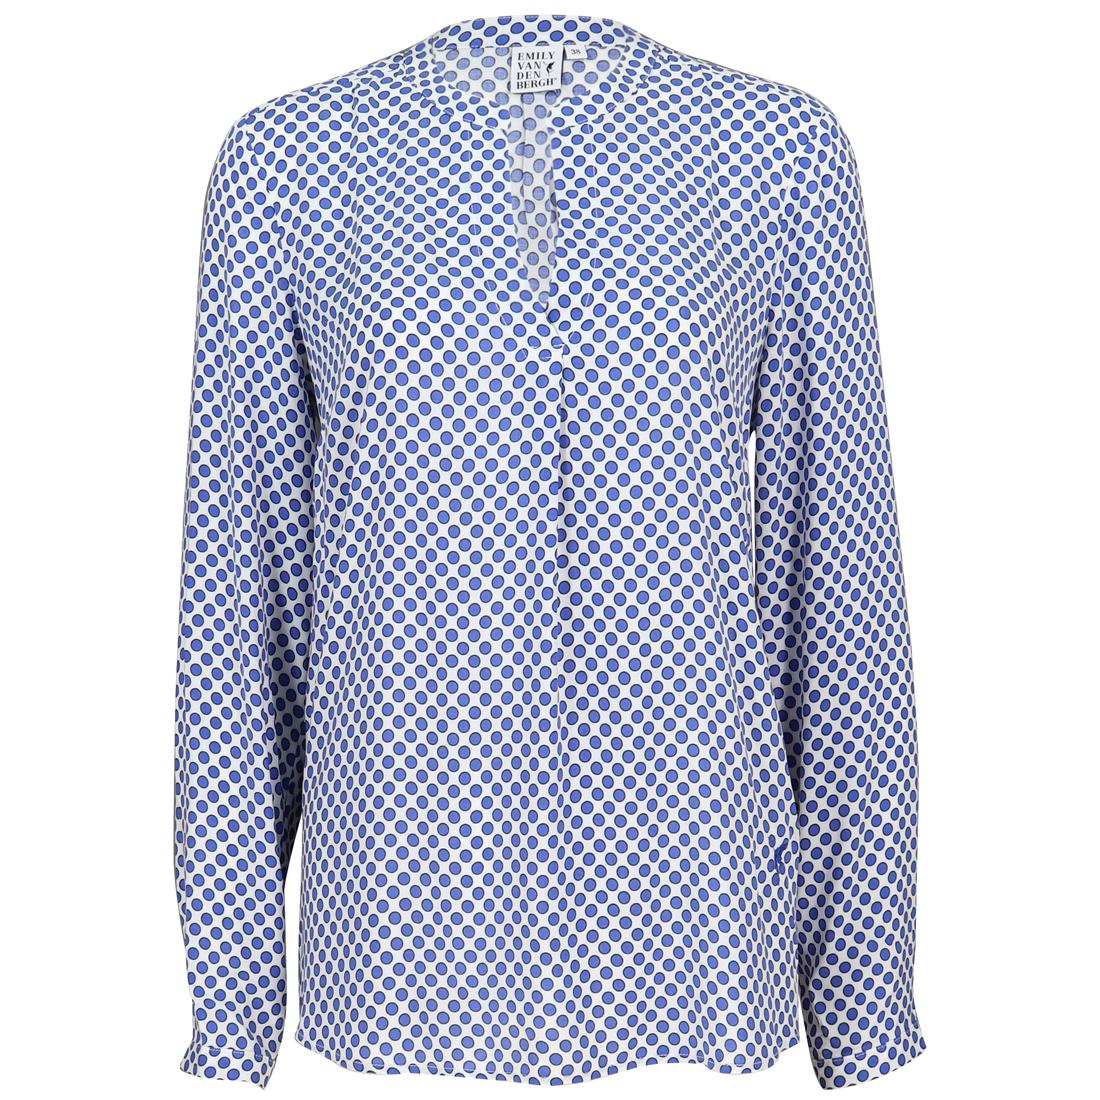 Emily van den Bergh blouse 6322-143650 in het Wit/Blauw